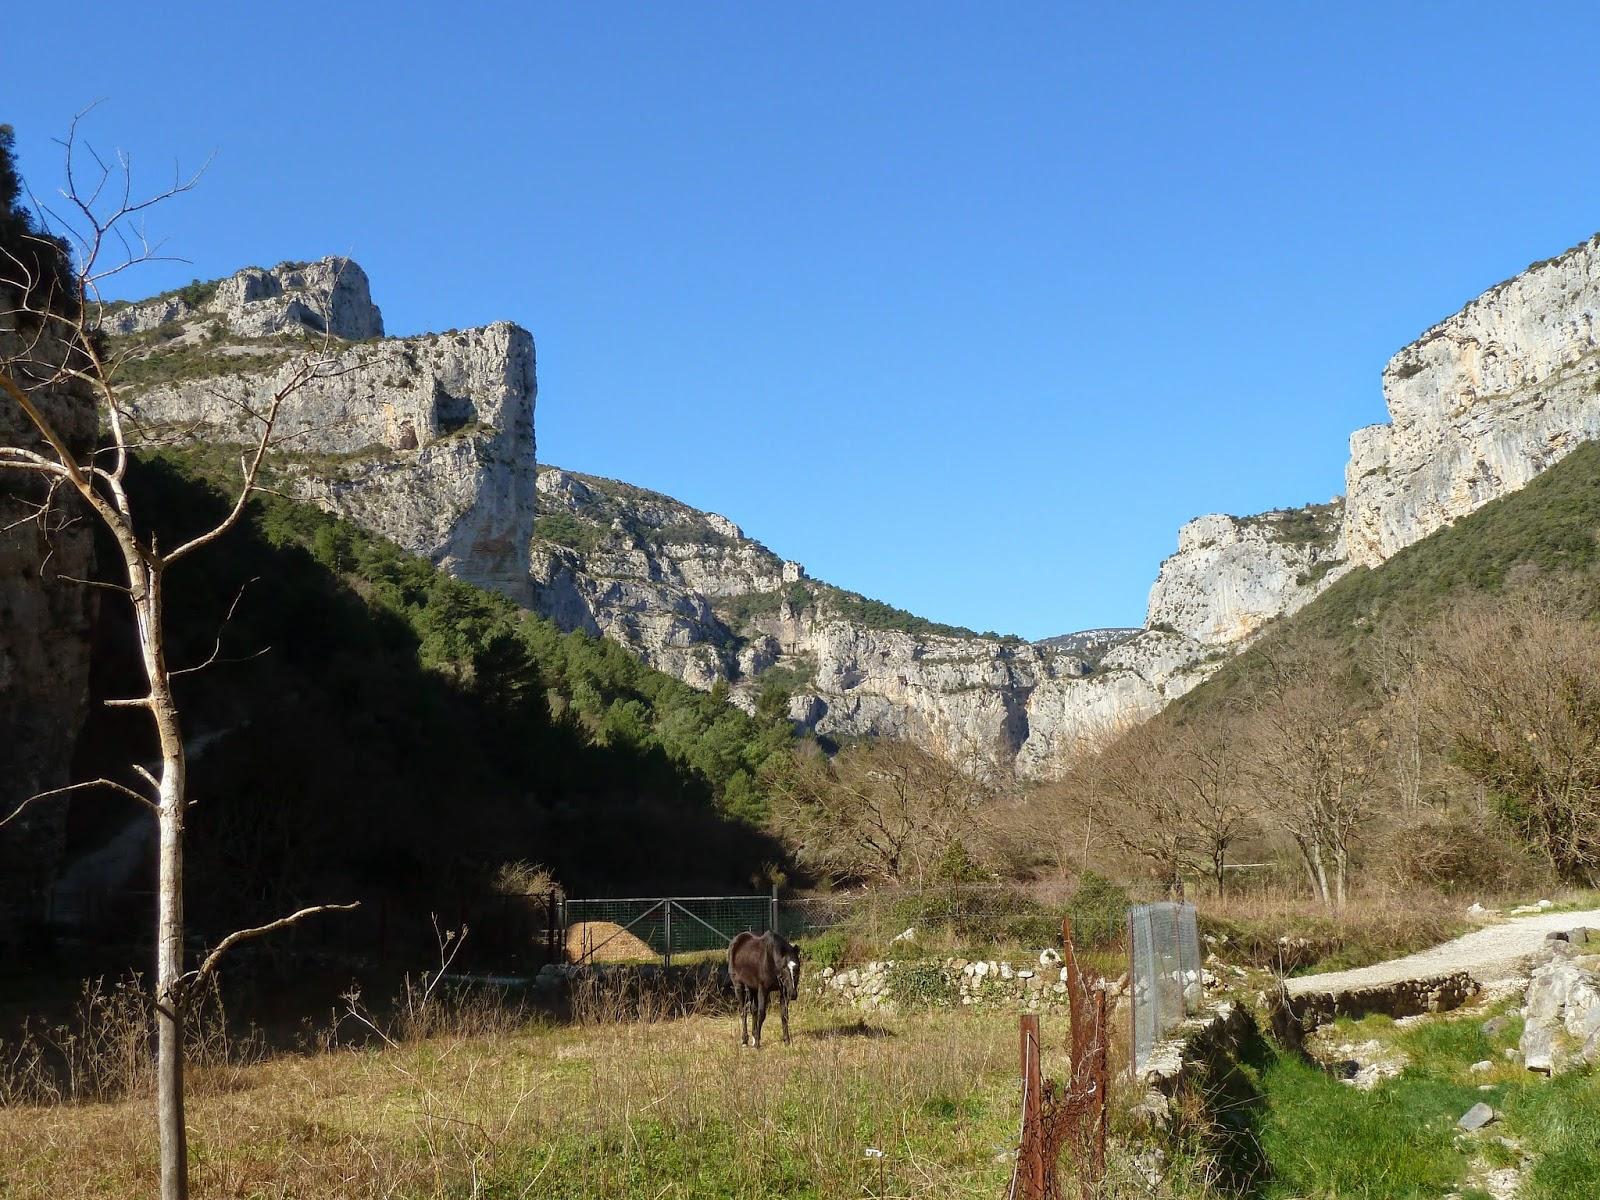 [CR] GTH34, de Bédarieux à Montpellier. Du 03 au 07 mars 2015. P1060991